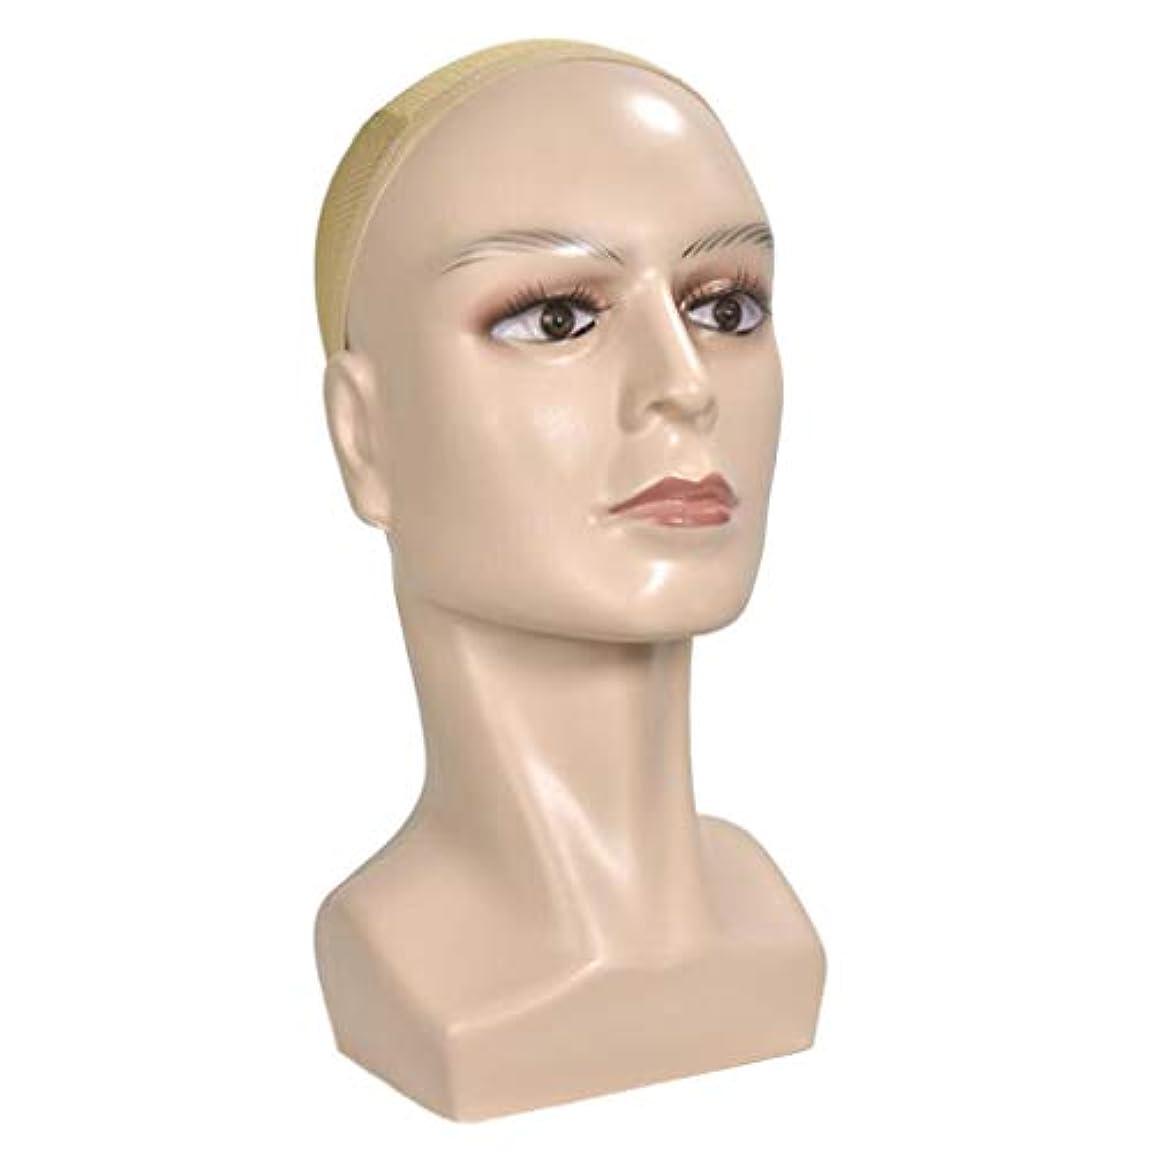 鉛筆シダ最大のCUTICATE マネキンヘッド ディスプレイ メイクトレーニング 化粧 美容 店舗 自宅 サロン 全2色 - 肌の色